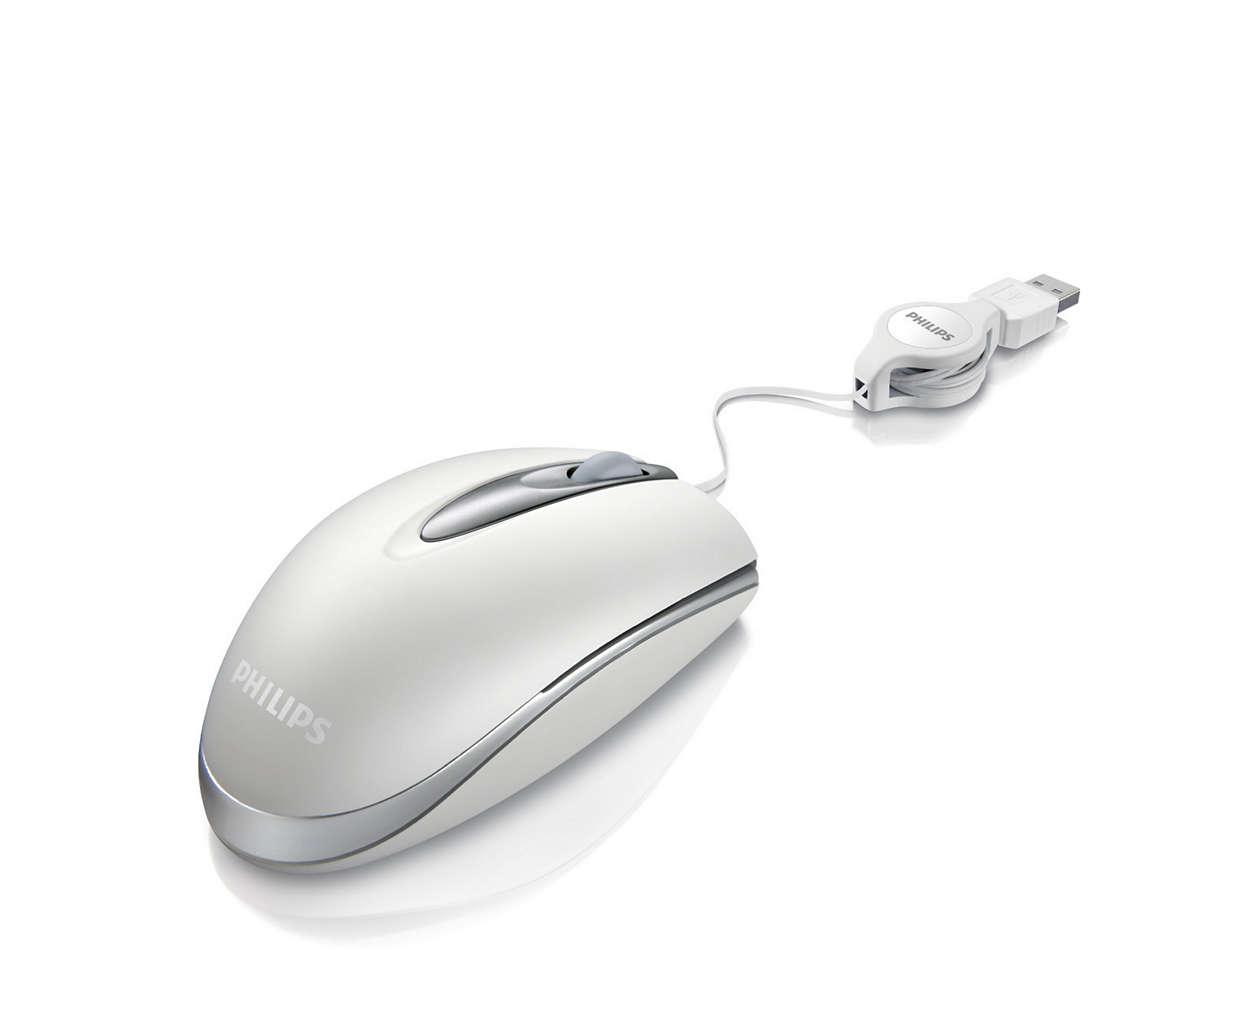 Notebook-mus med ledning